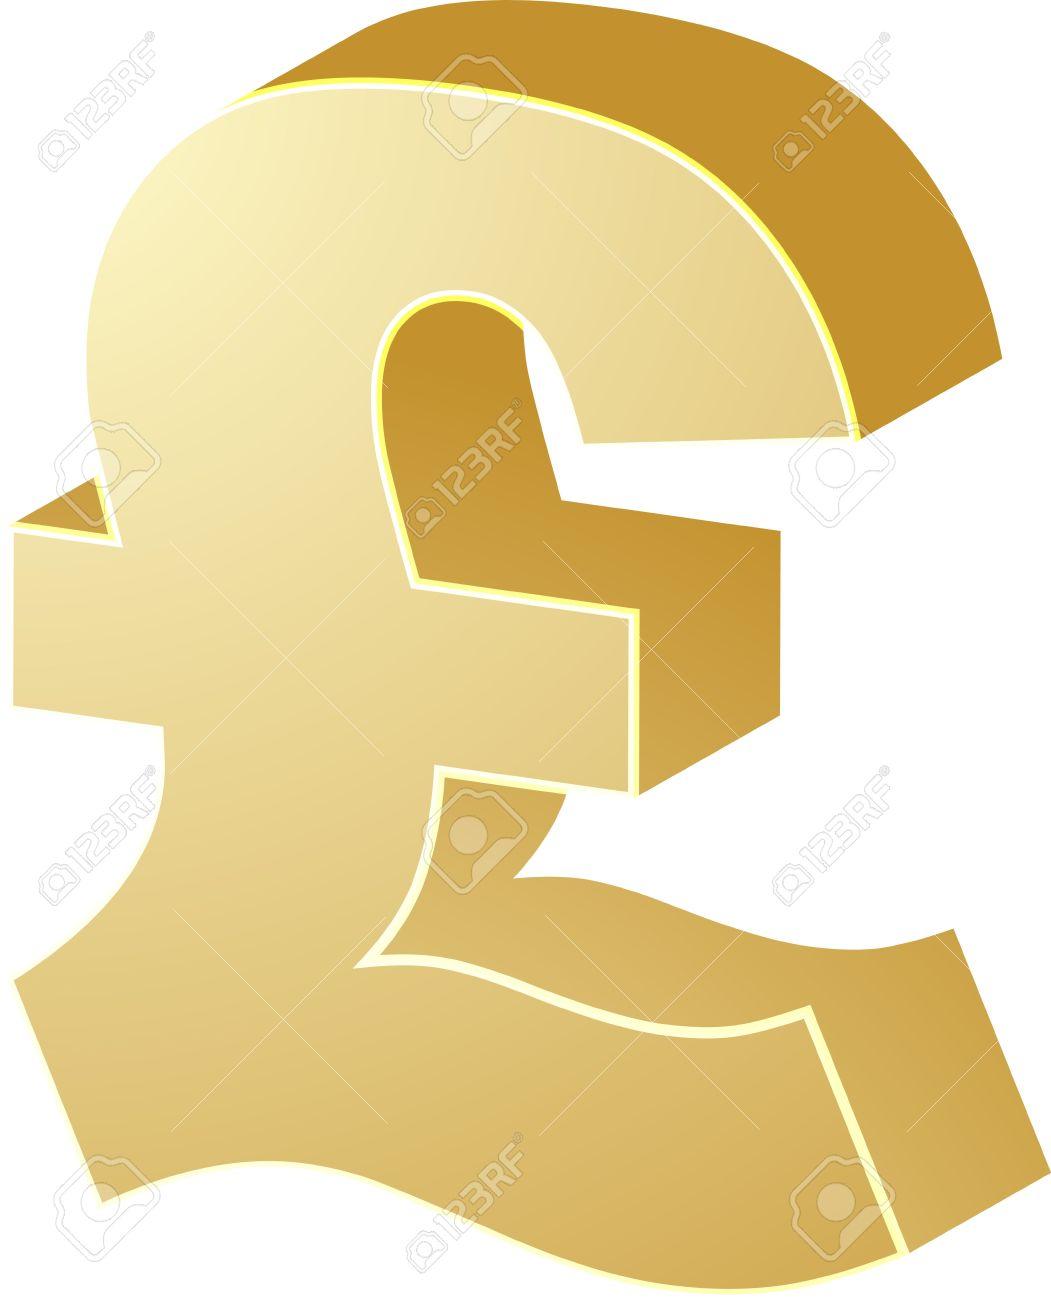 British Uk Pounds Currency Symbol Isometric Illustration Stock Photo